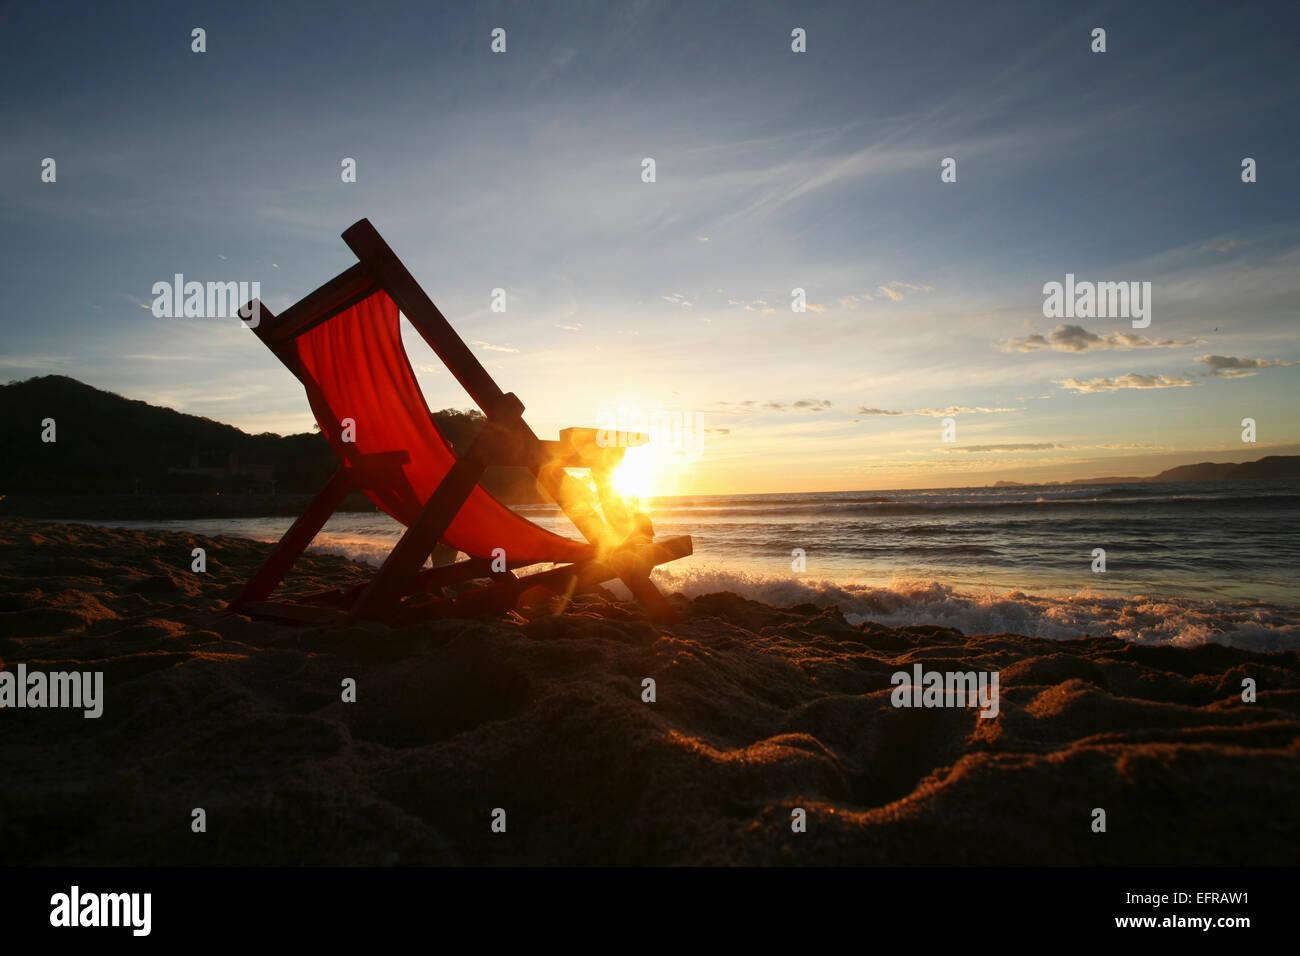 Une chaise sur le sable face à l'eau. Photo Stock